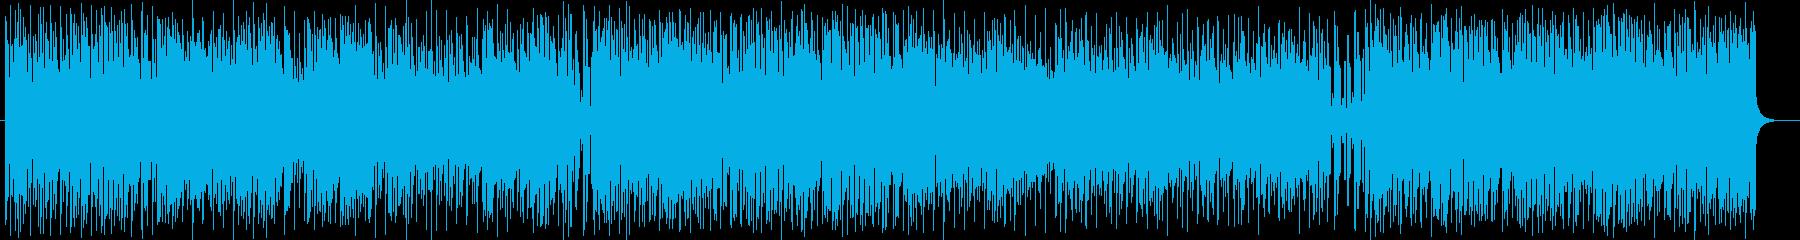 軽快でキュートなポップスの再生済みの波形